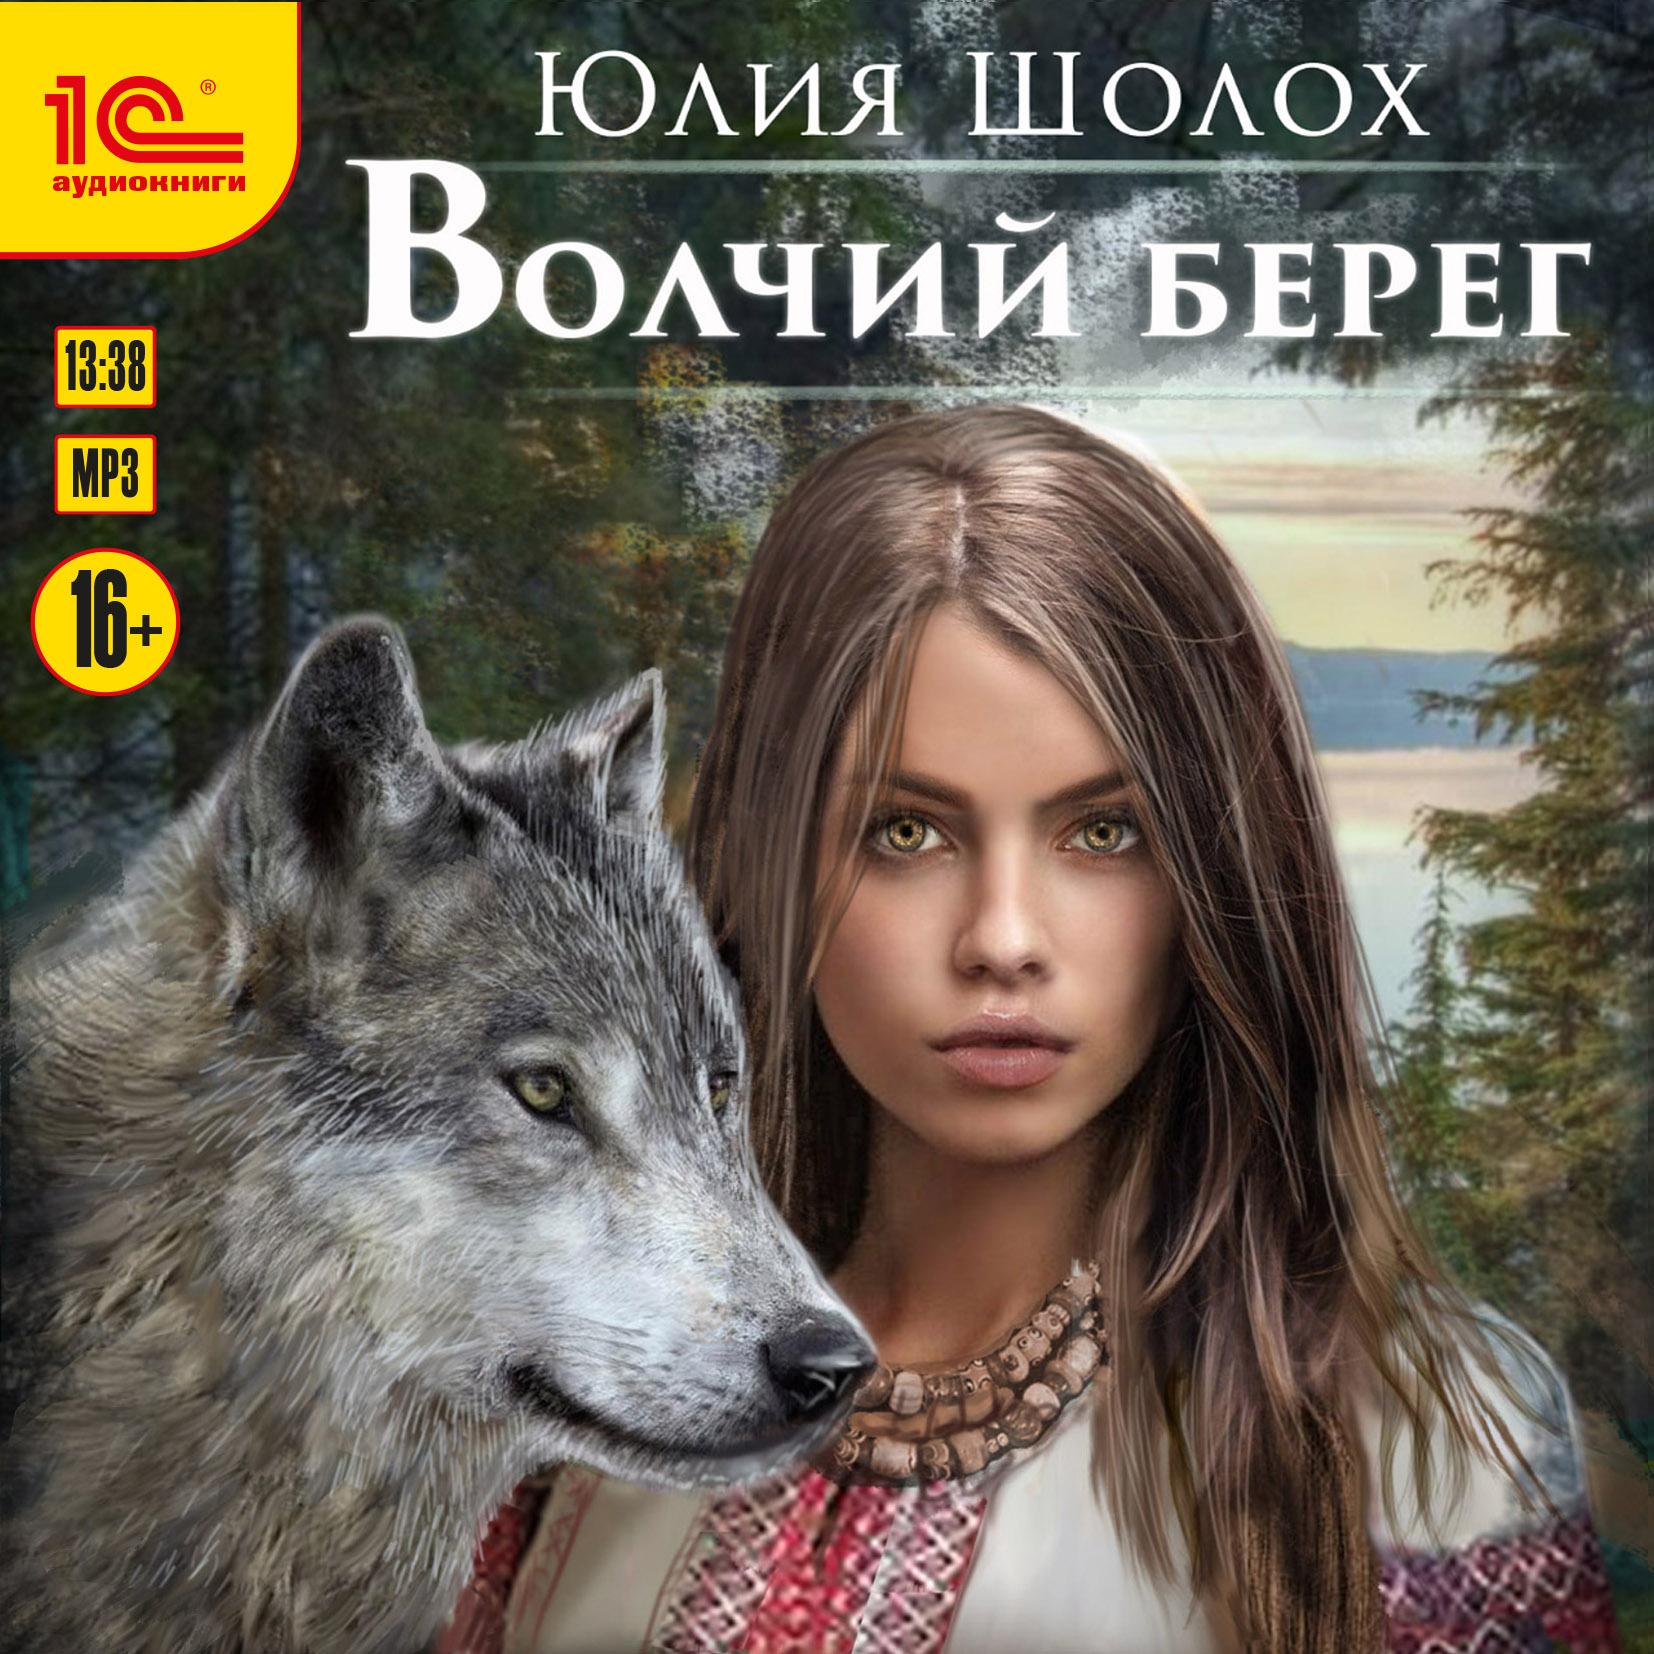 Юлия Шолох Волчий берег шолох юлия звериный подарок